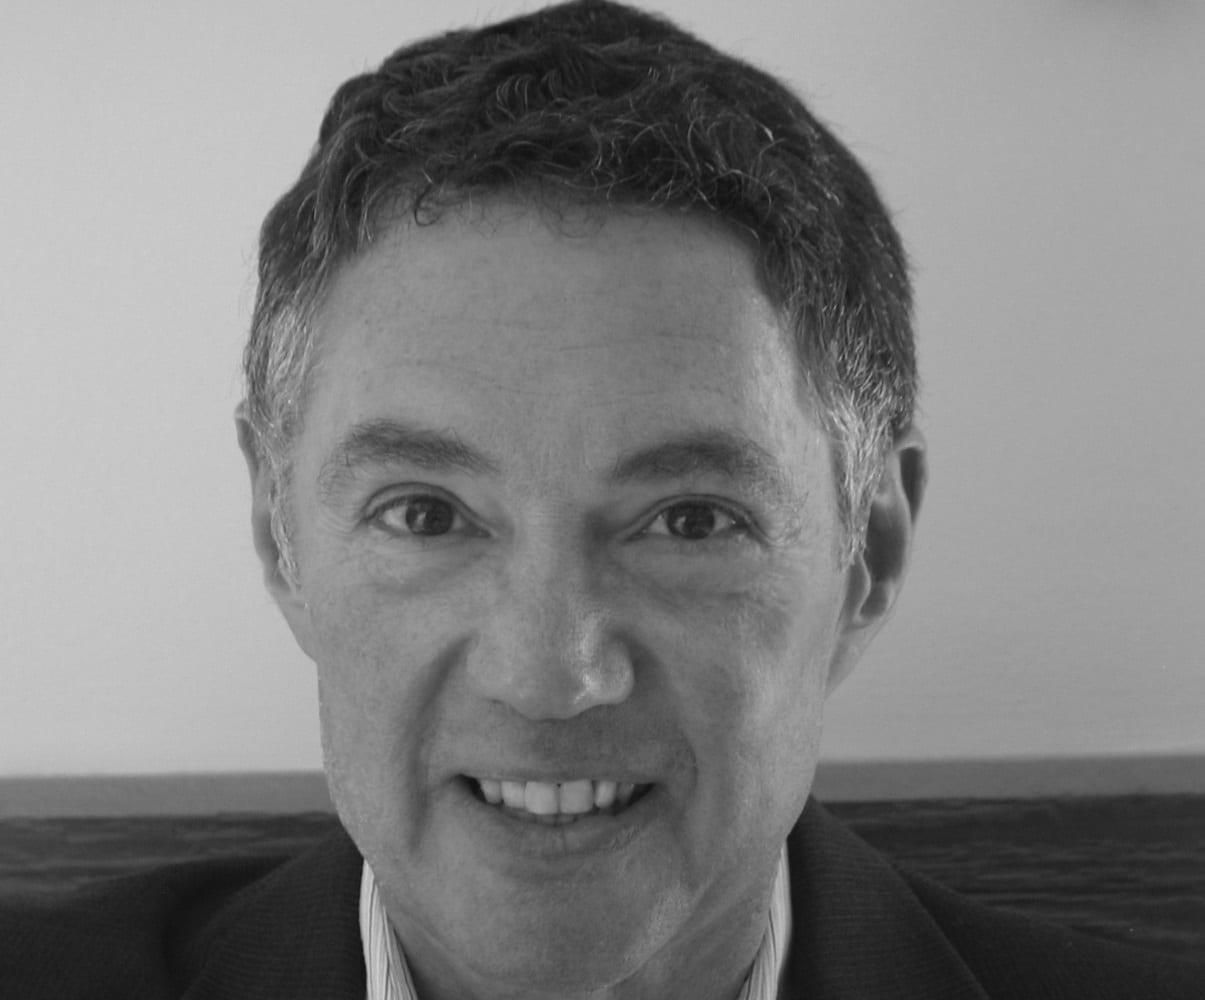 Stuart Selip delivers technology-focused digital marketing